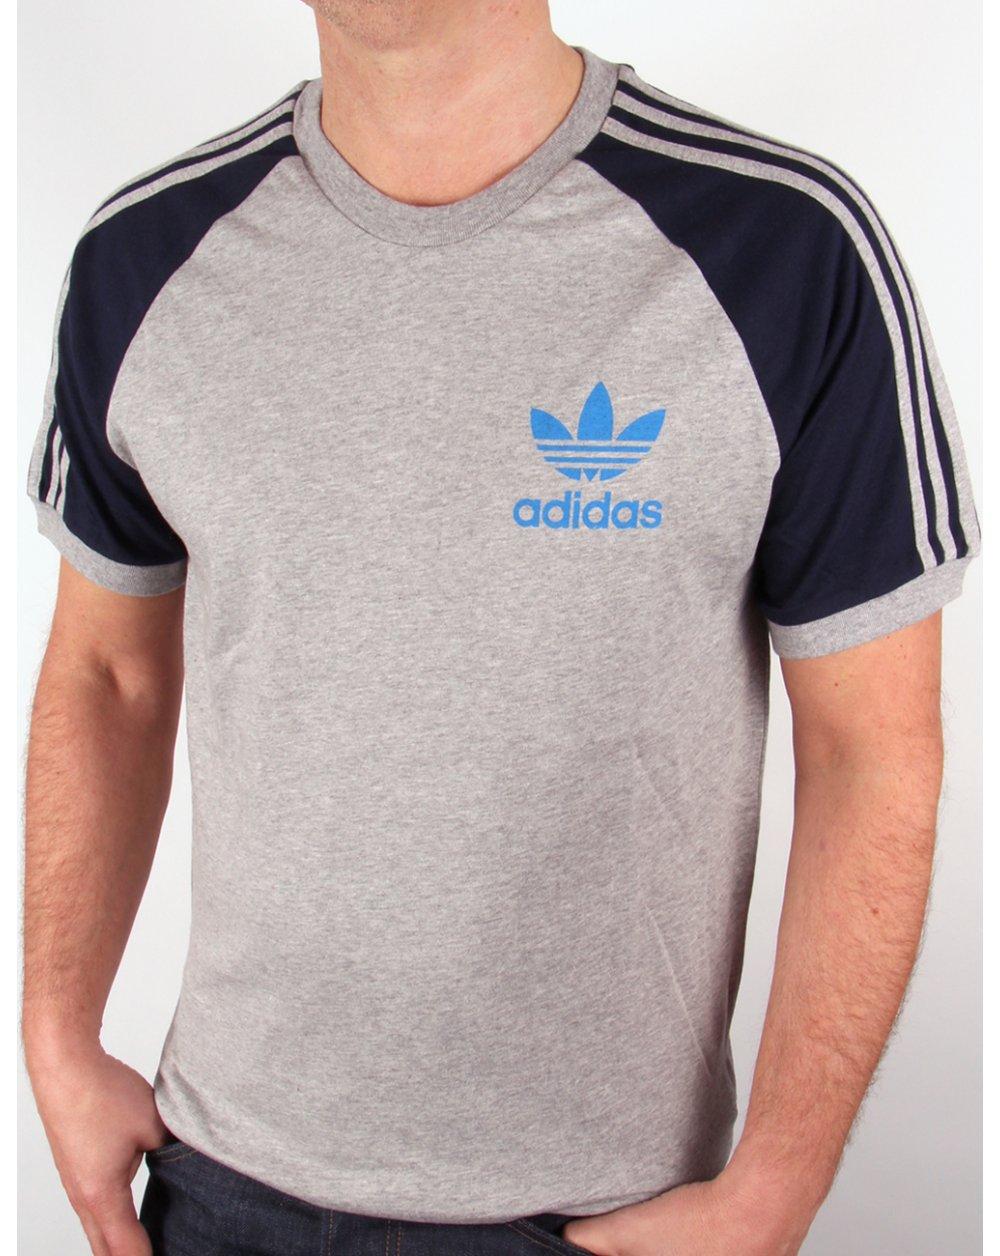 12b9363c adidas Originals Adidas Originals Retro 3 Stripes T-shirt Heather Grey/navy  Blue